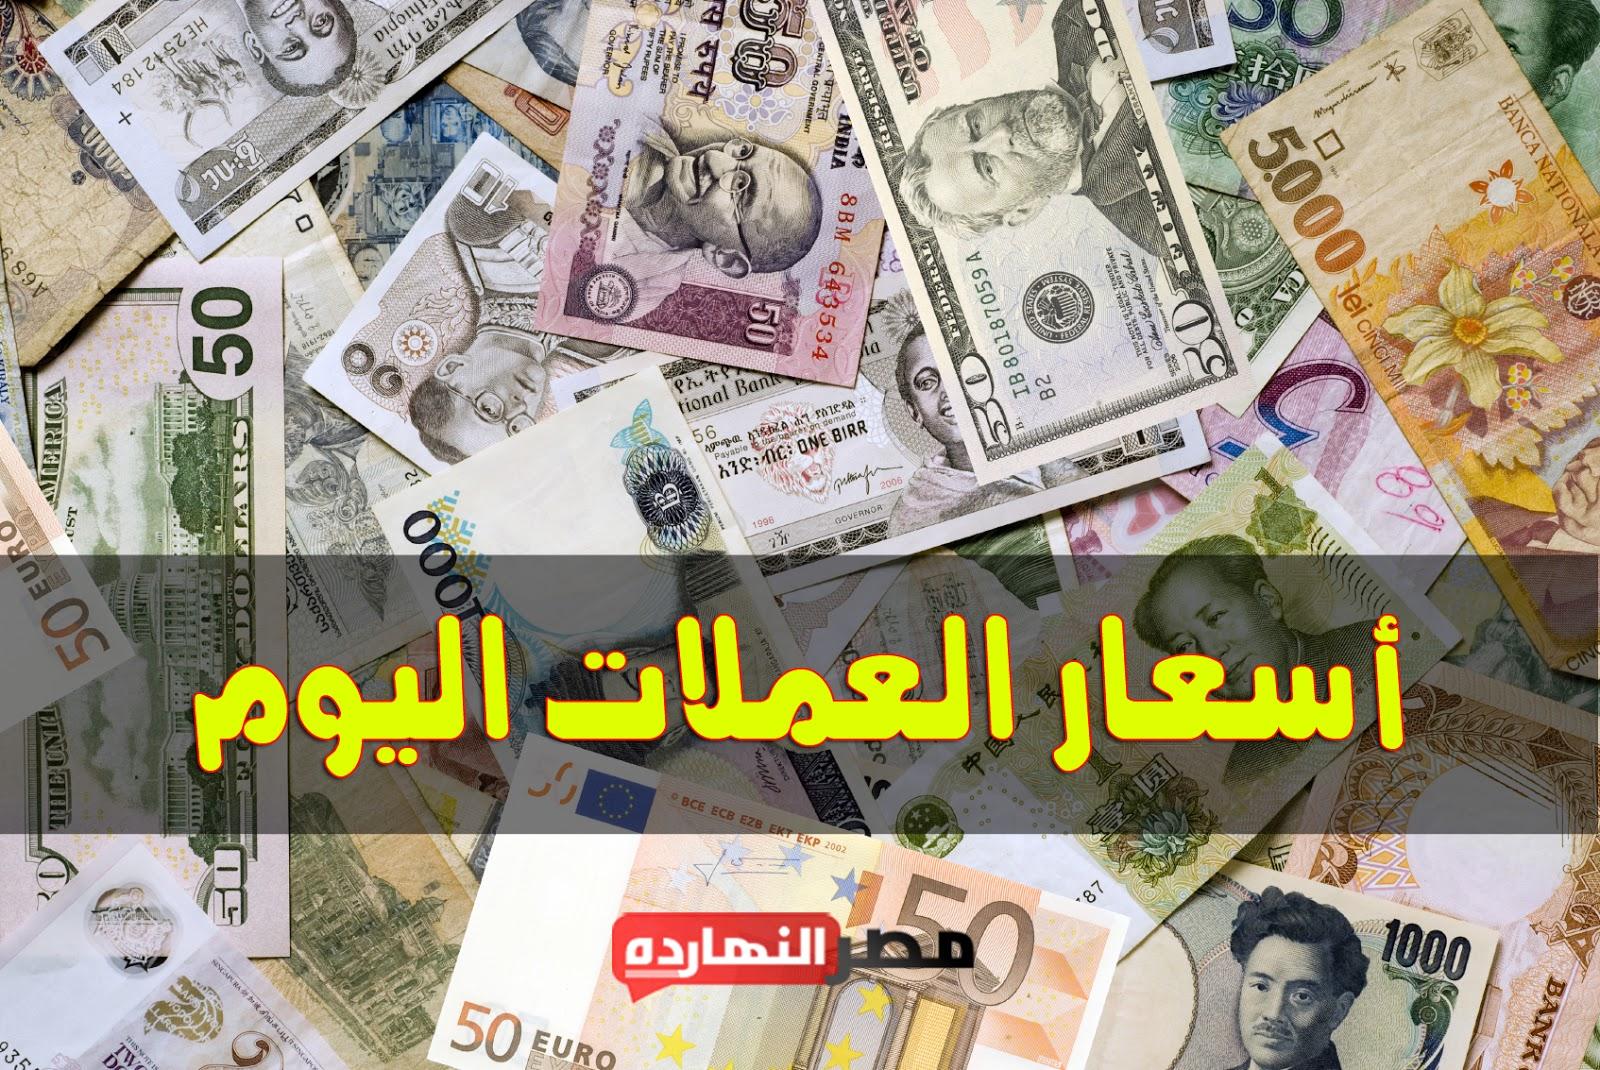 ارتفاع أسعار العملات في مصر اليوم الأحد 2017-12-31 بالبنوك .. والدولار والريال يواصلان الاستقرار